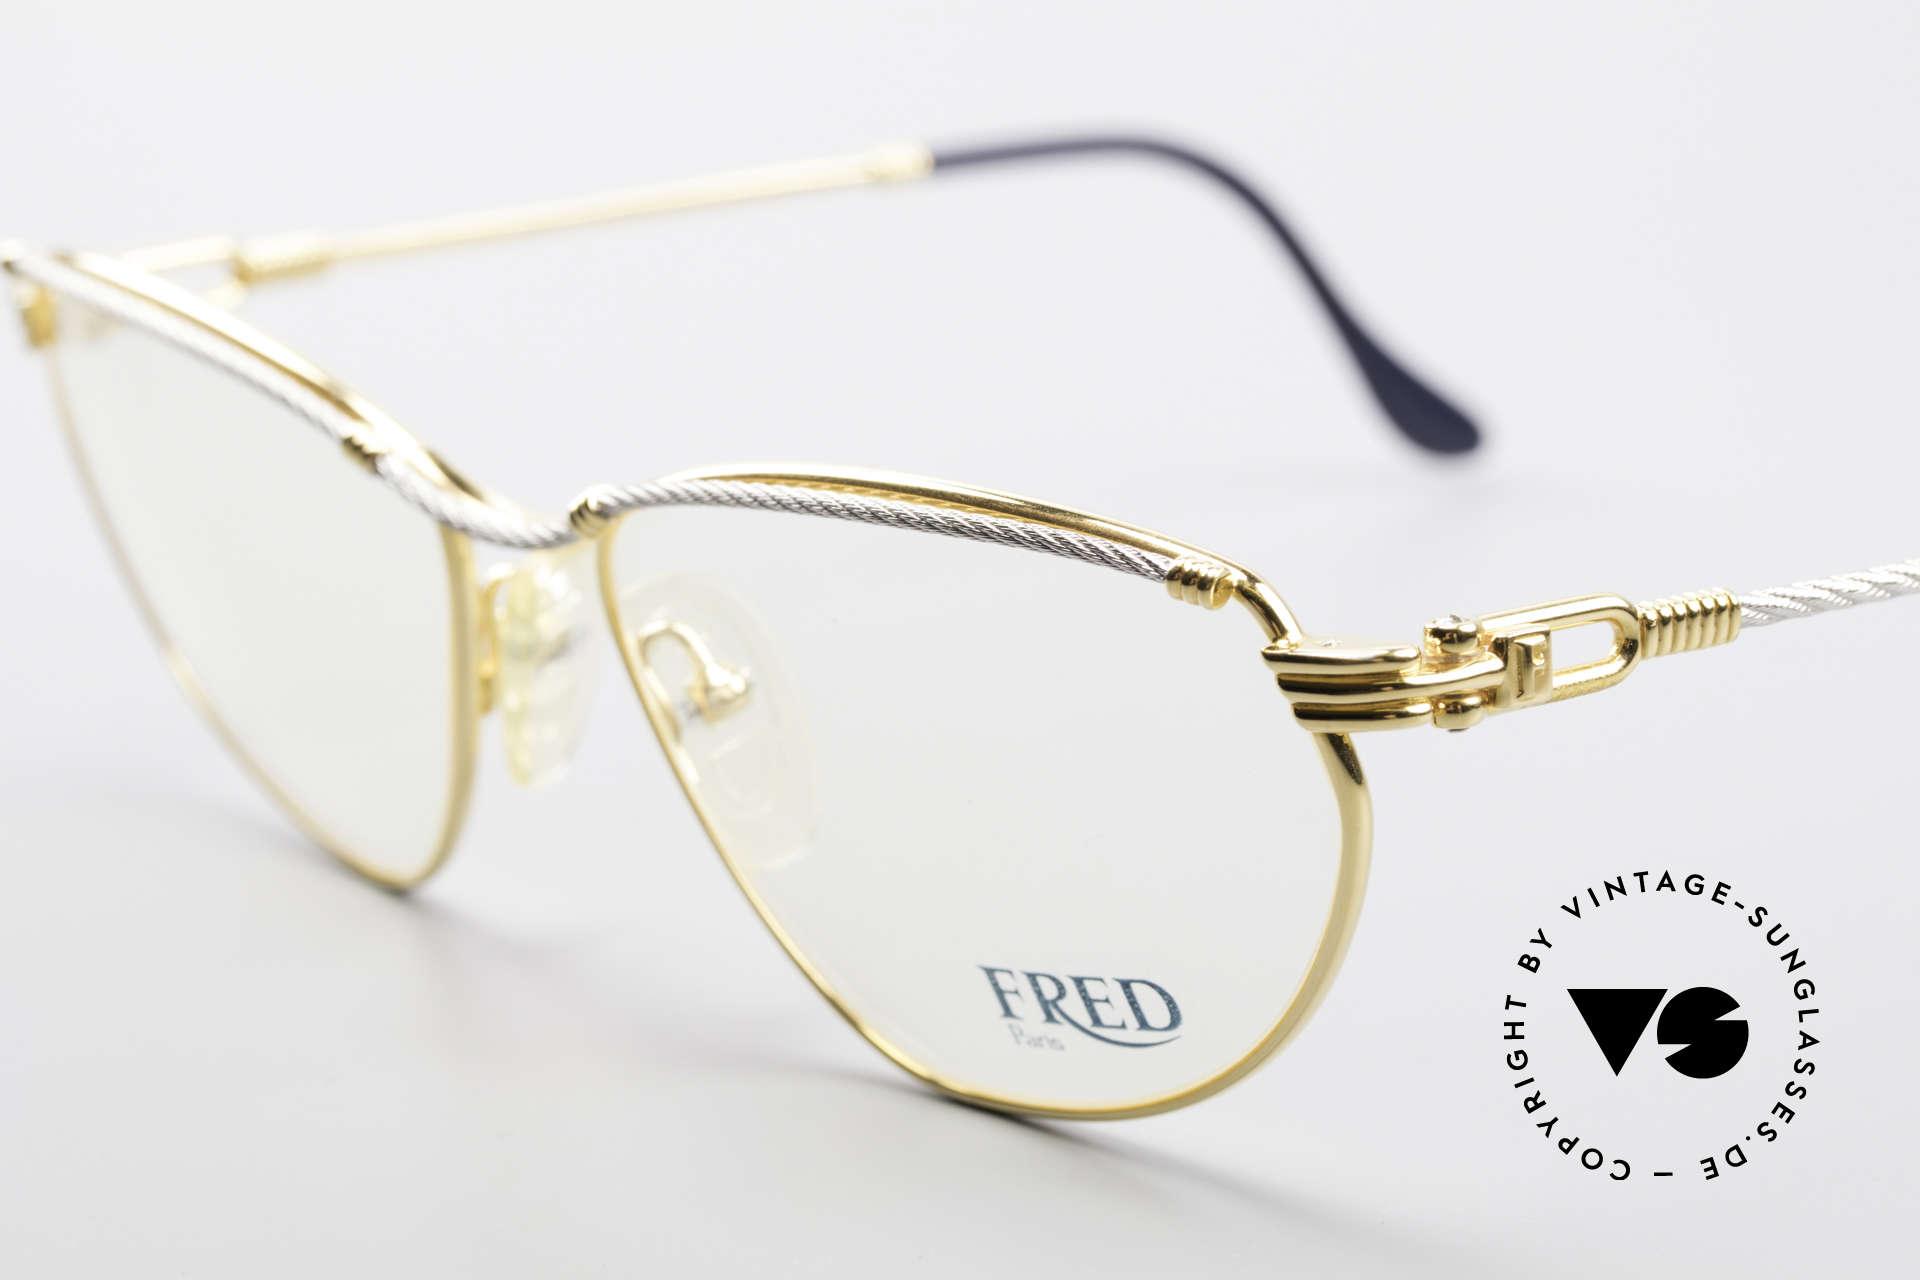 Fred Alize Luxus M Brillenfassung Damen, Bügel und Brücke gedreht wie ein Segeltau; RARITÄT!, Passend für Damen